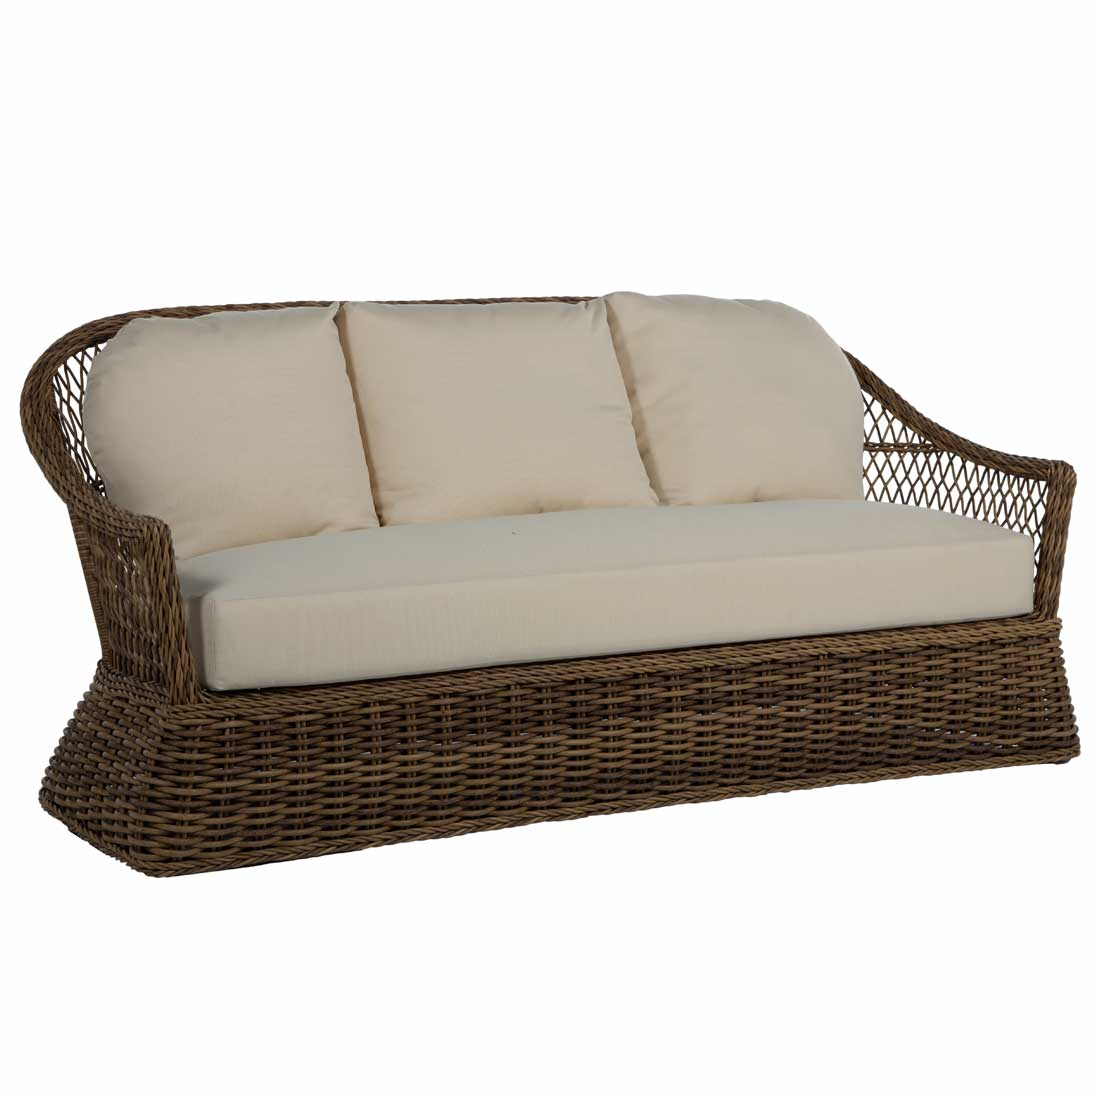 soho wicker Sofa